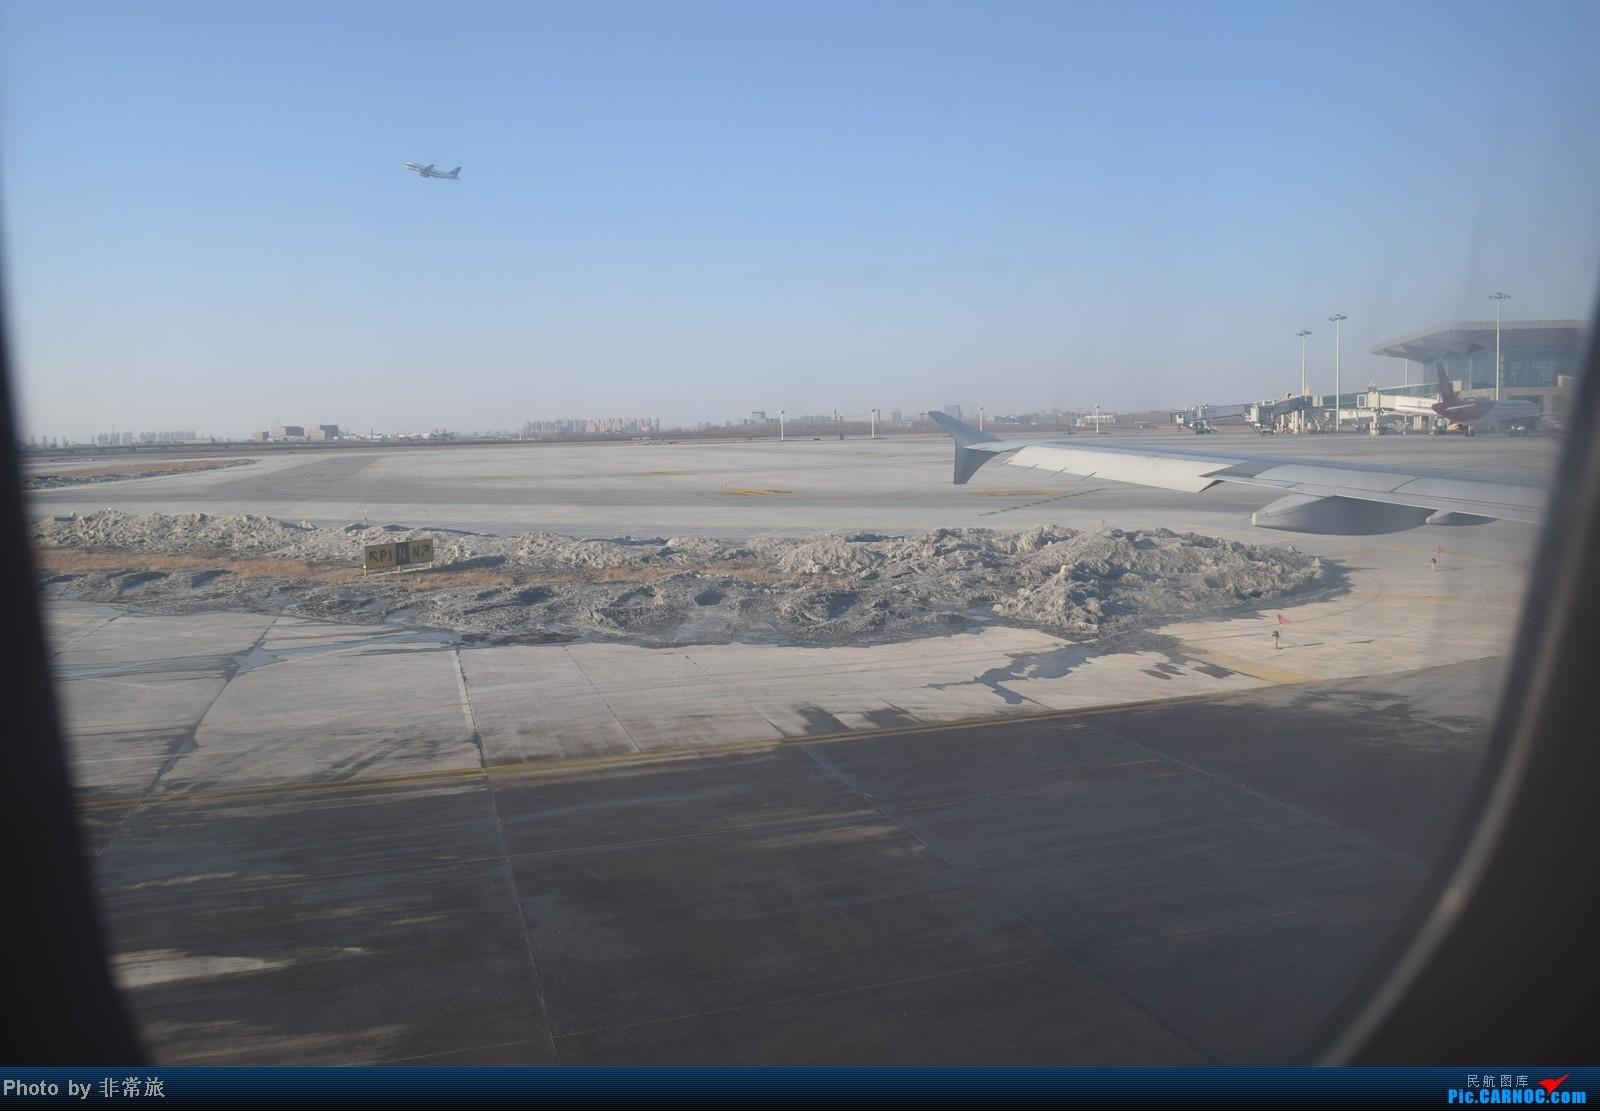 Re:[原创]大年三十除夕夜,三万英尺云霄间。 AIRBUS A321-200 B-2283 中国沈阳桃仙机场 中国沈阳桃仙机场